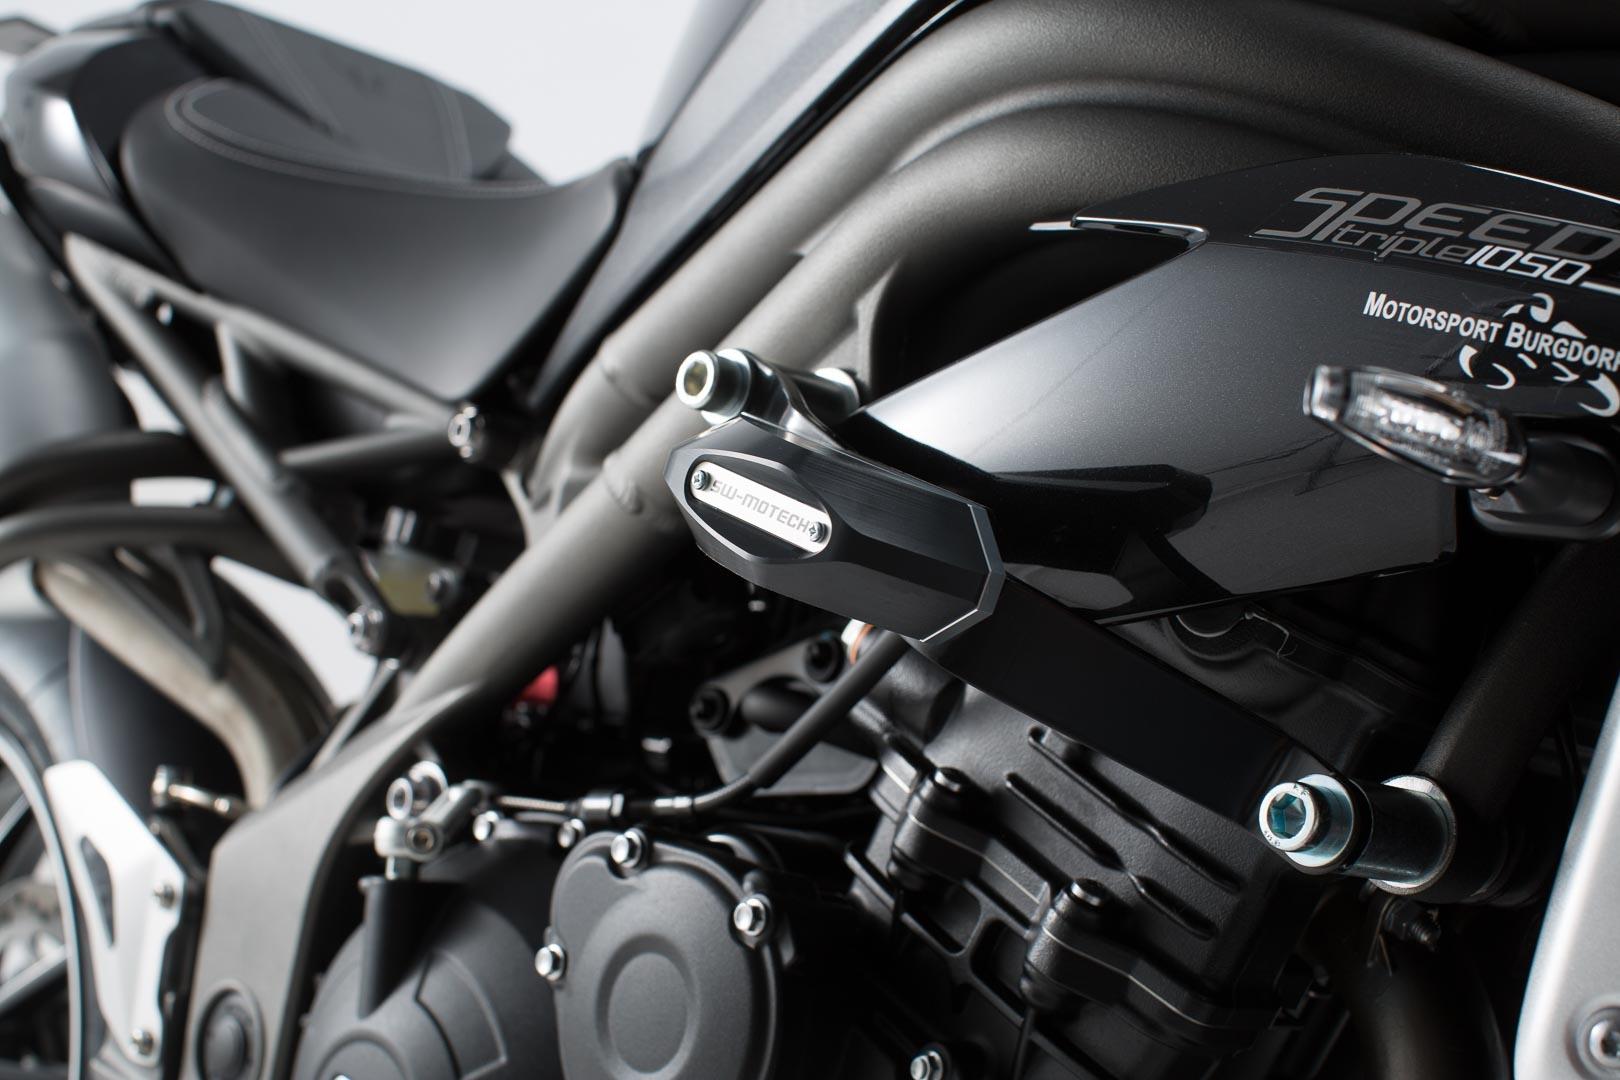 Kit de tampons de protection SW-MOTECH noir Triumph Speed Triple 1050